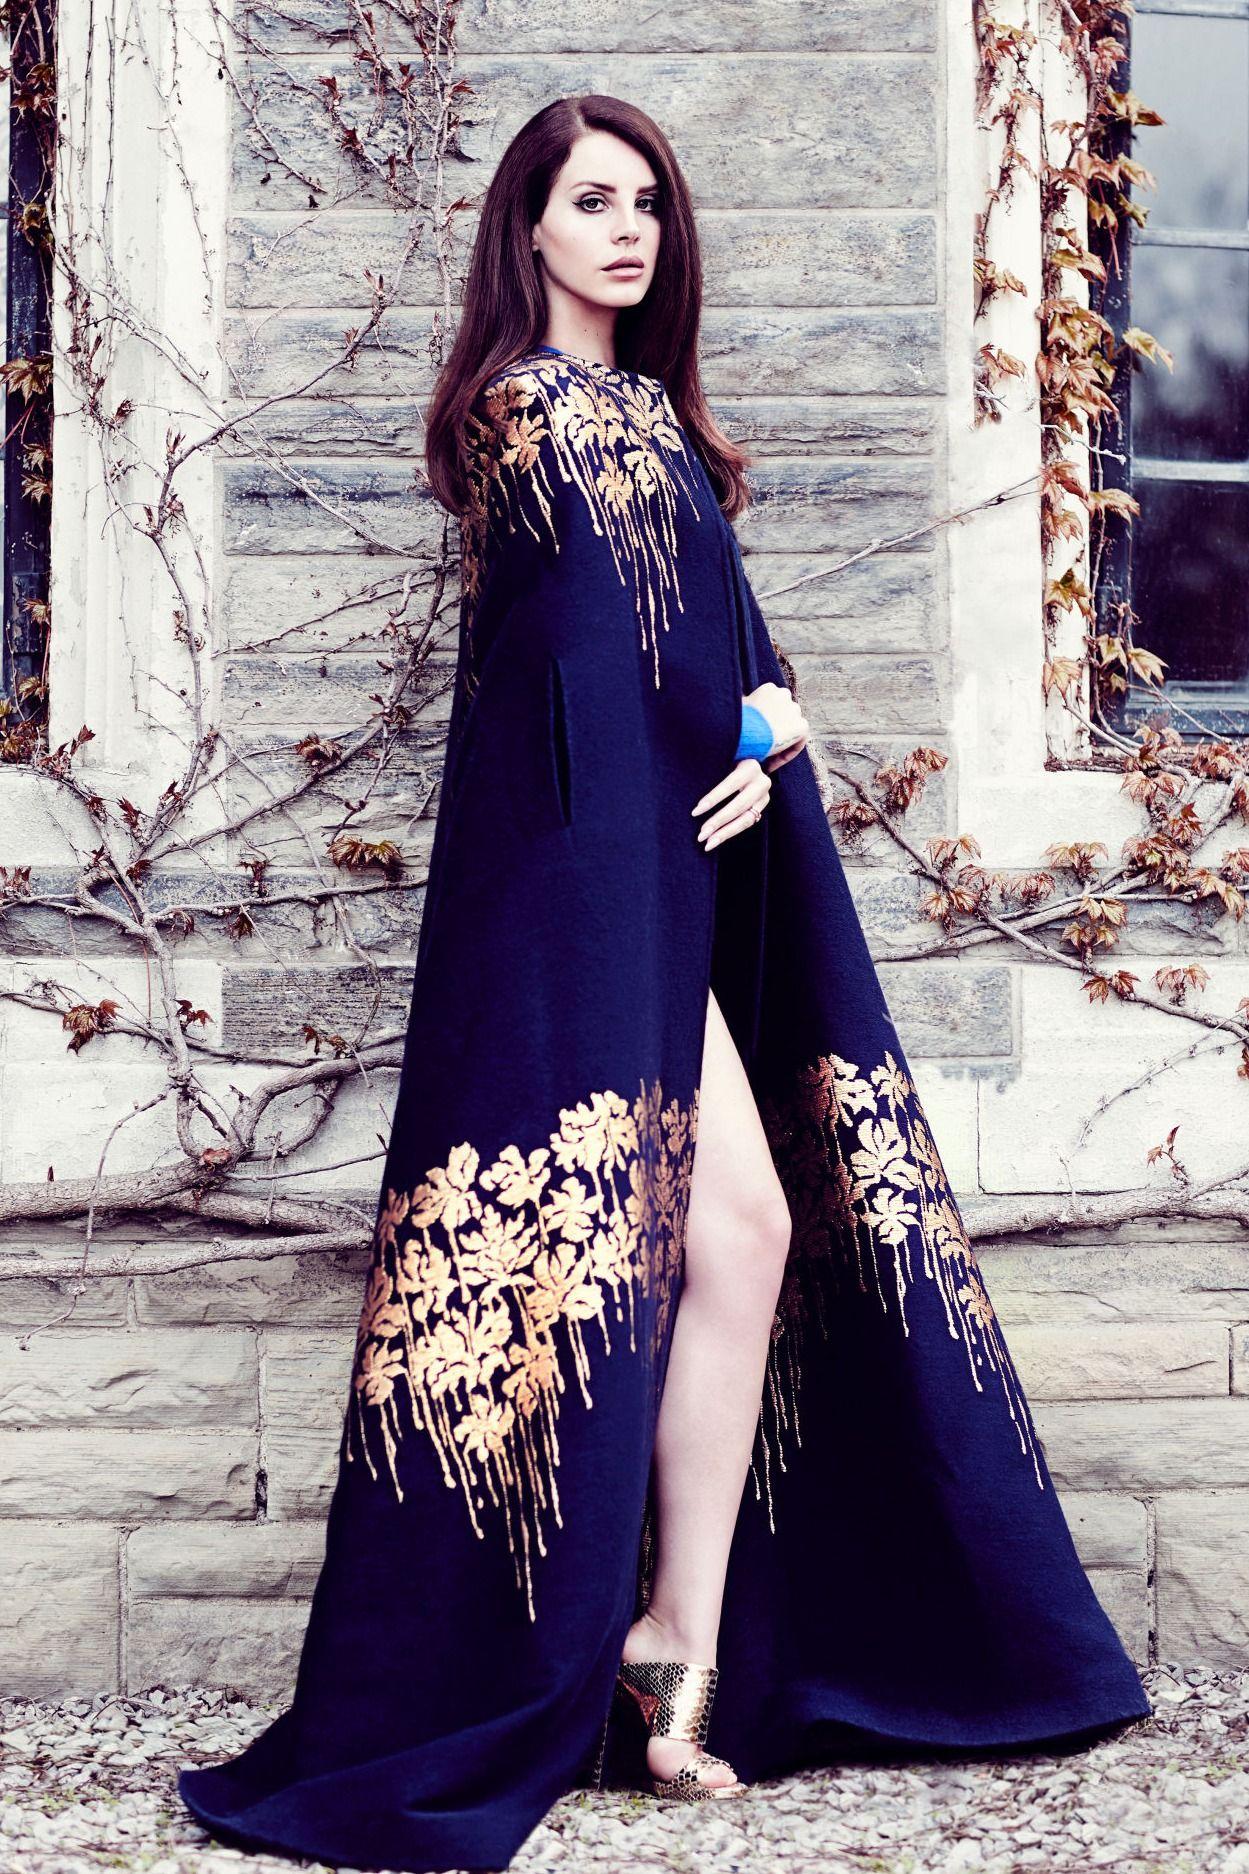 lanadelrey gown beautys pinterest regal haar und beauty und kleider. Black Bedroom Furniture Sets. Home Design Ideas